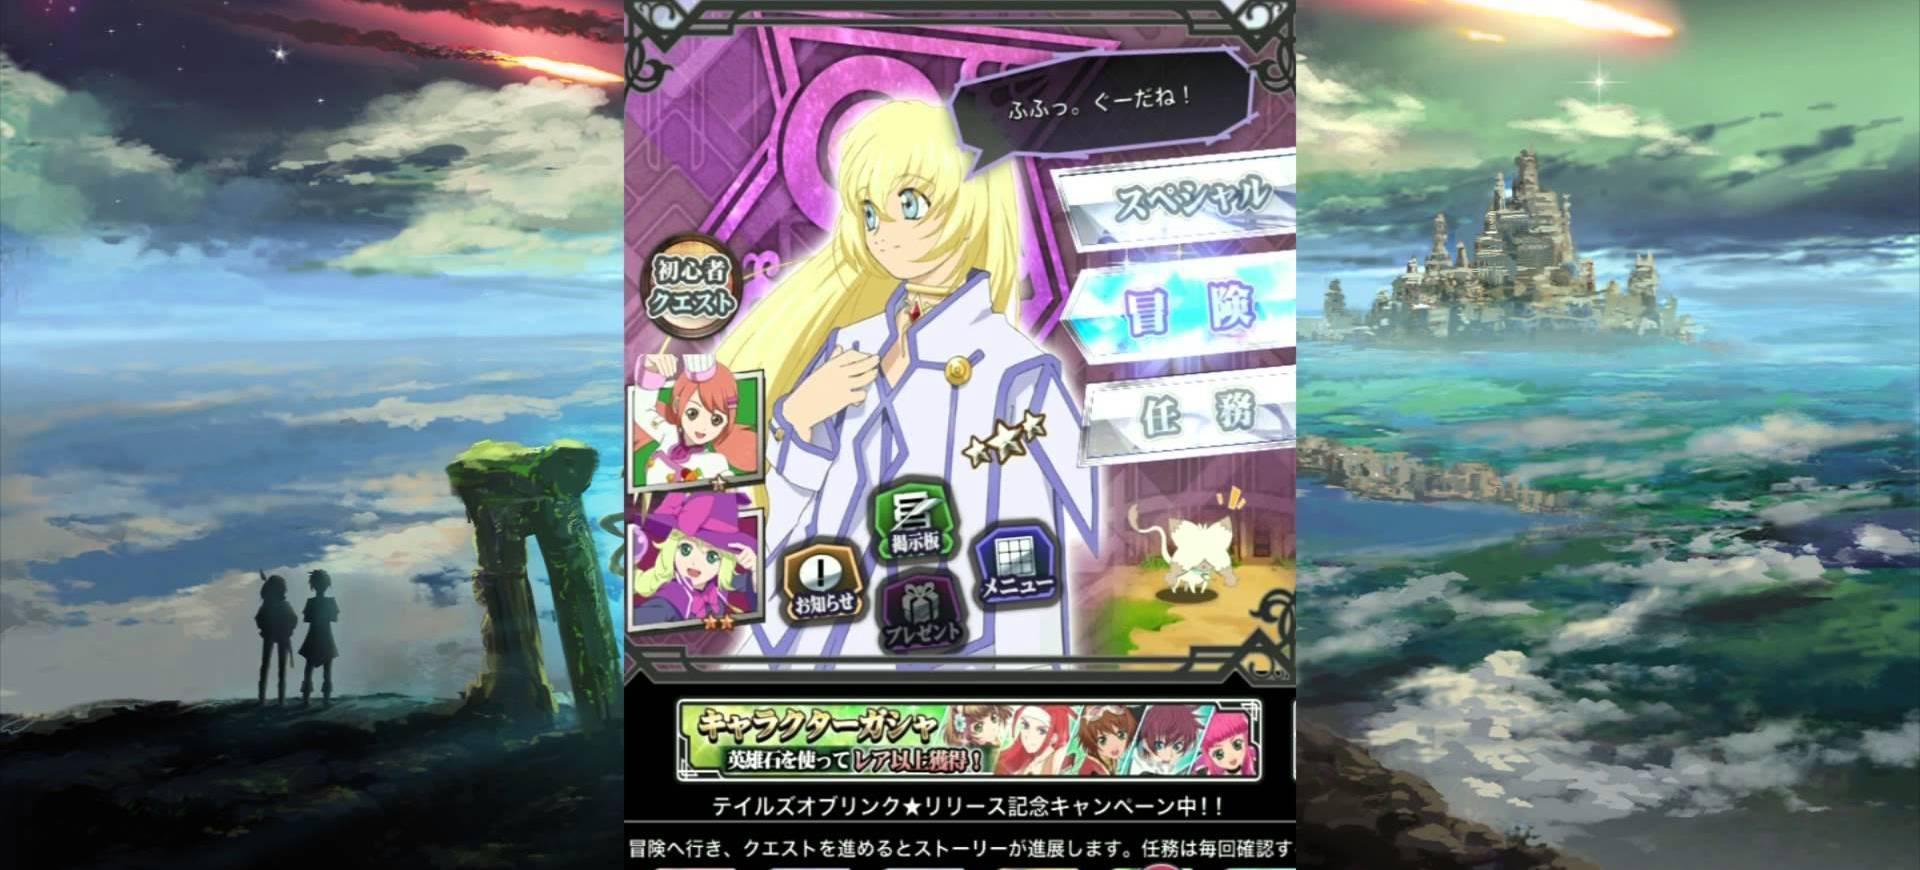 Tales of LINK chuẩn bị phát hành ở phương Tây - Tin Game Mobile